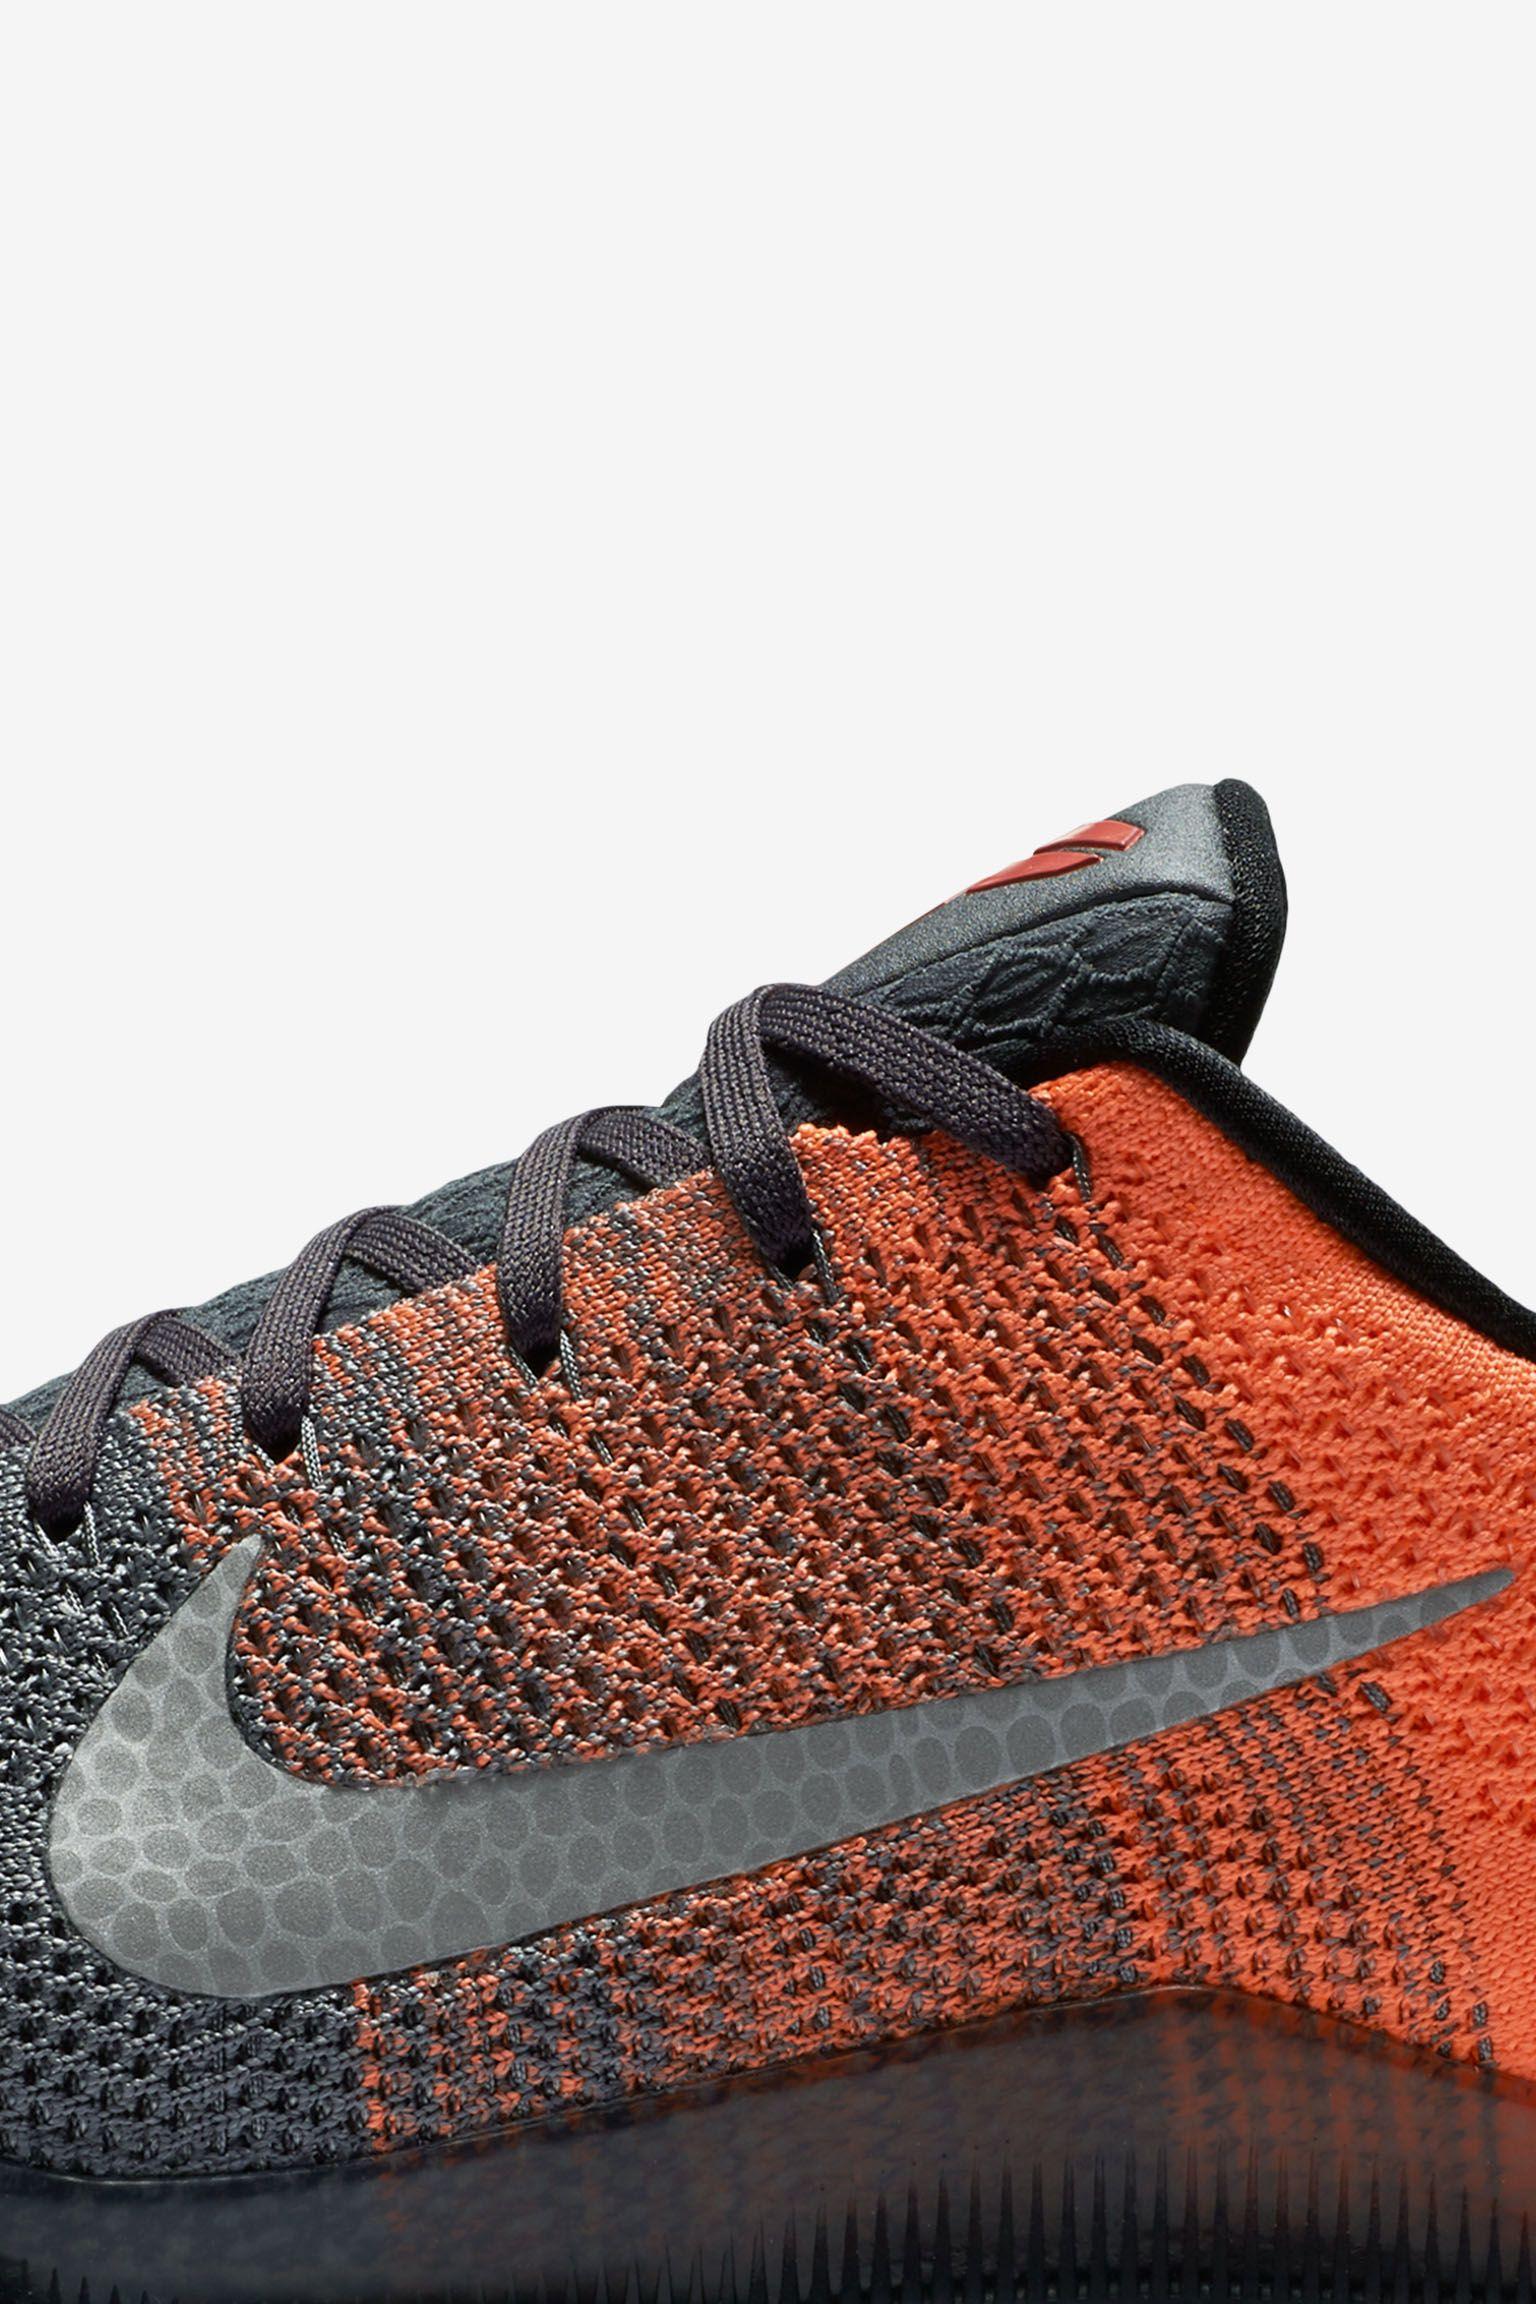 Nike Kobe 11 Elite Low 'Season Statement' Release Date